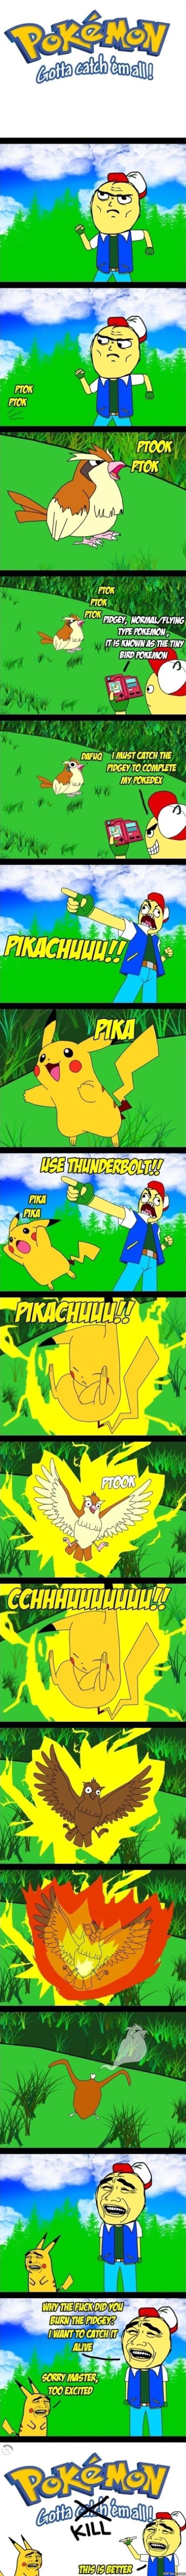 funny-gotta-catch-em-all-memes